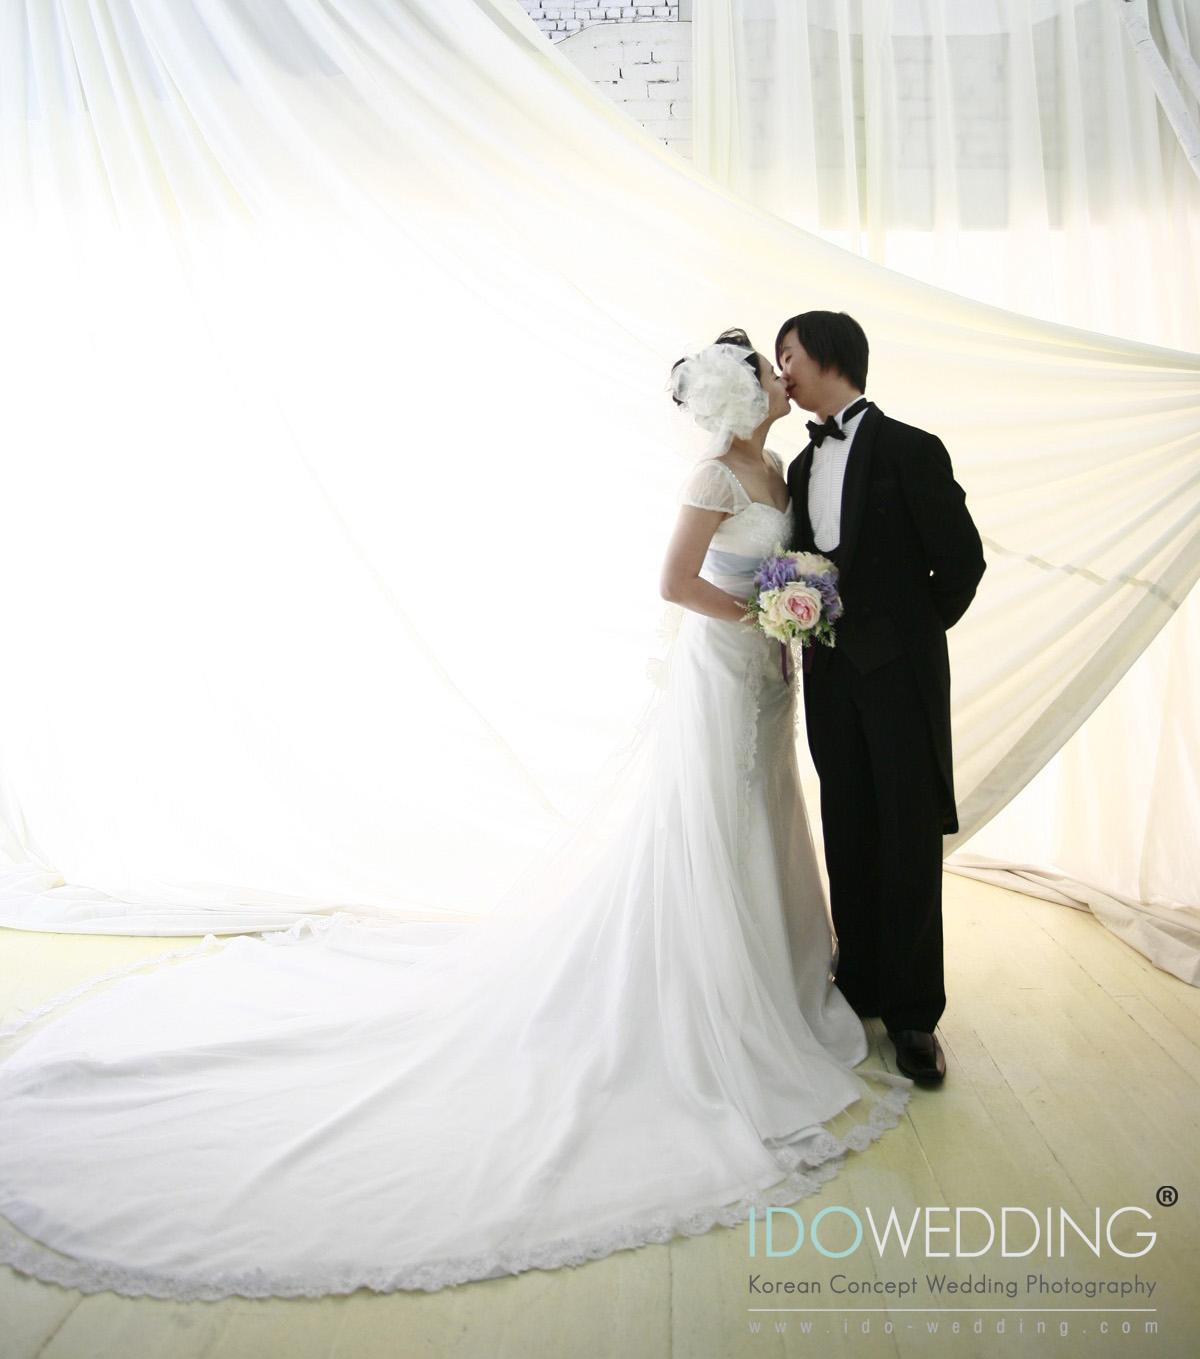 Korea Wedding Photography By IDOWEDDING